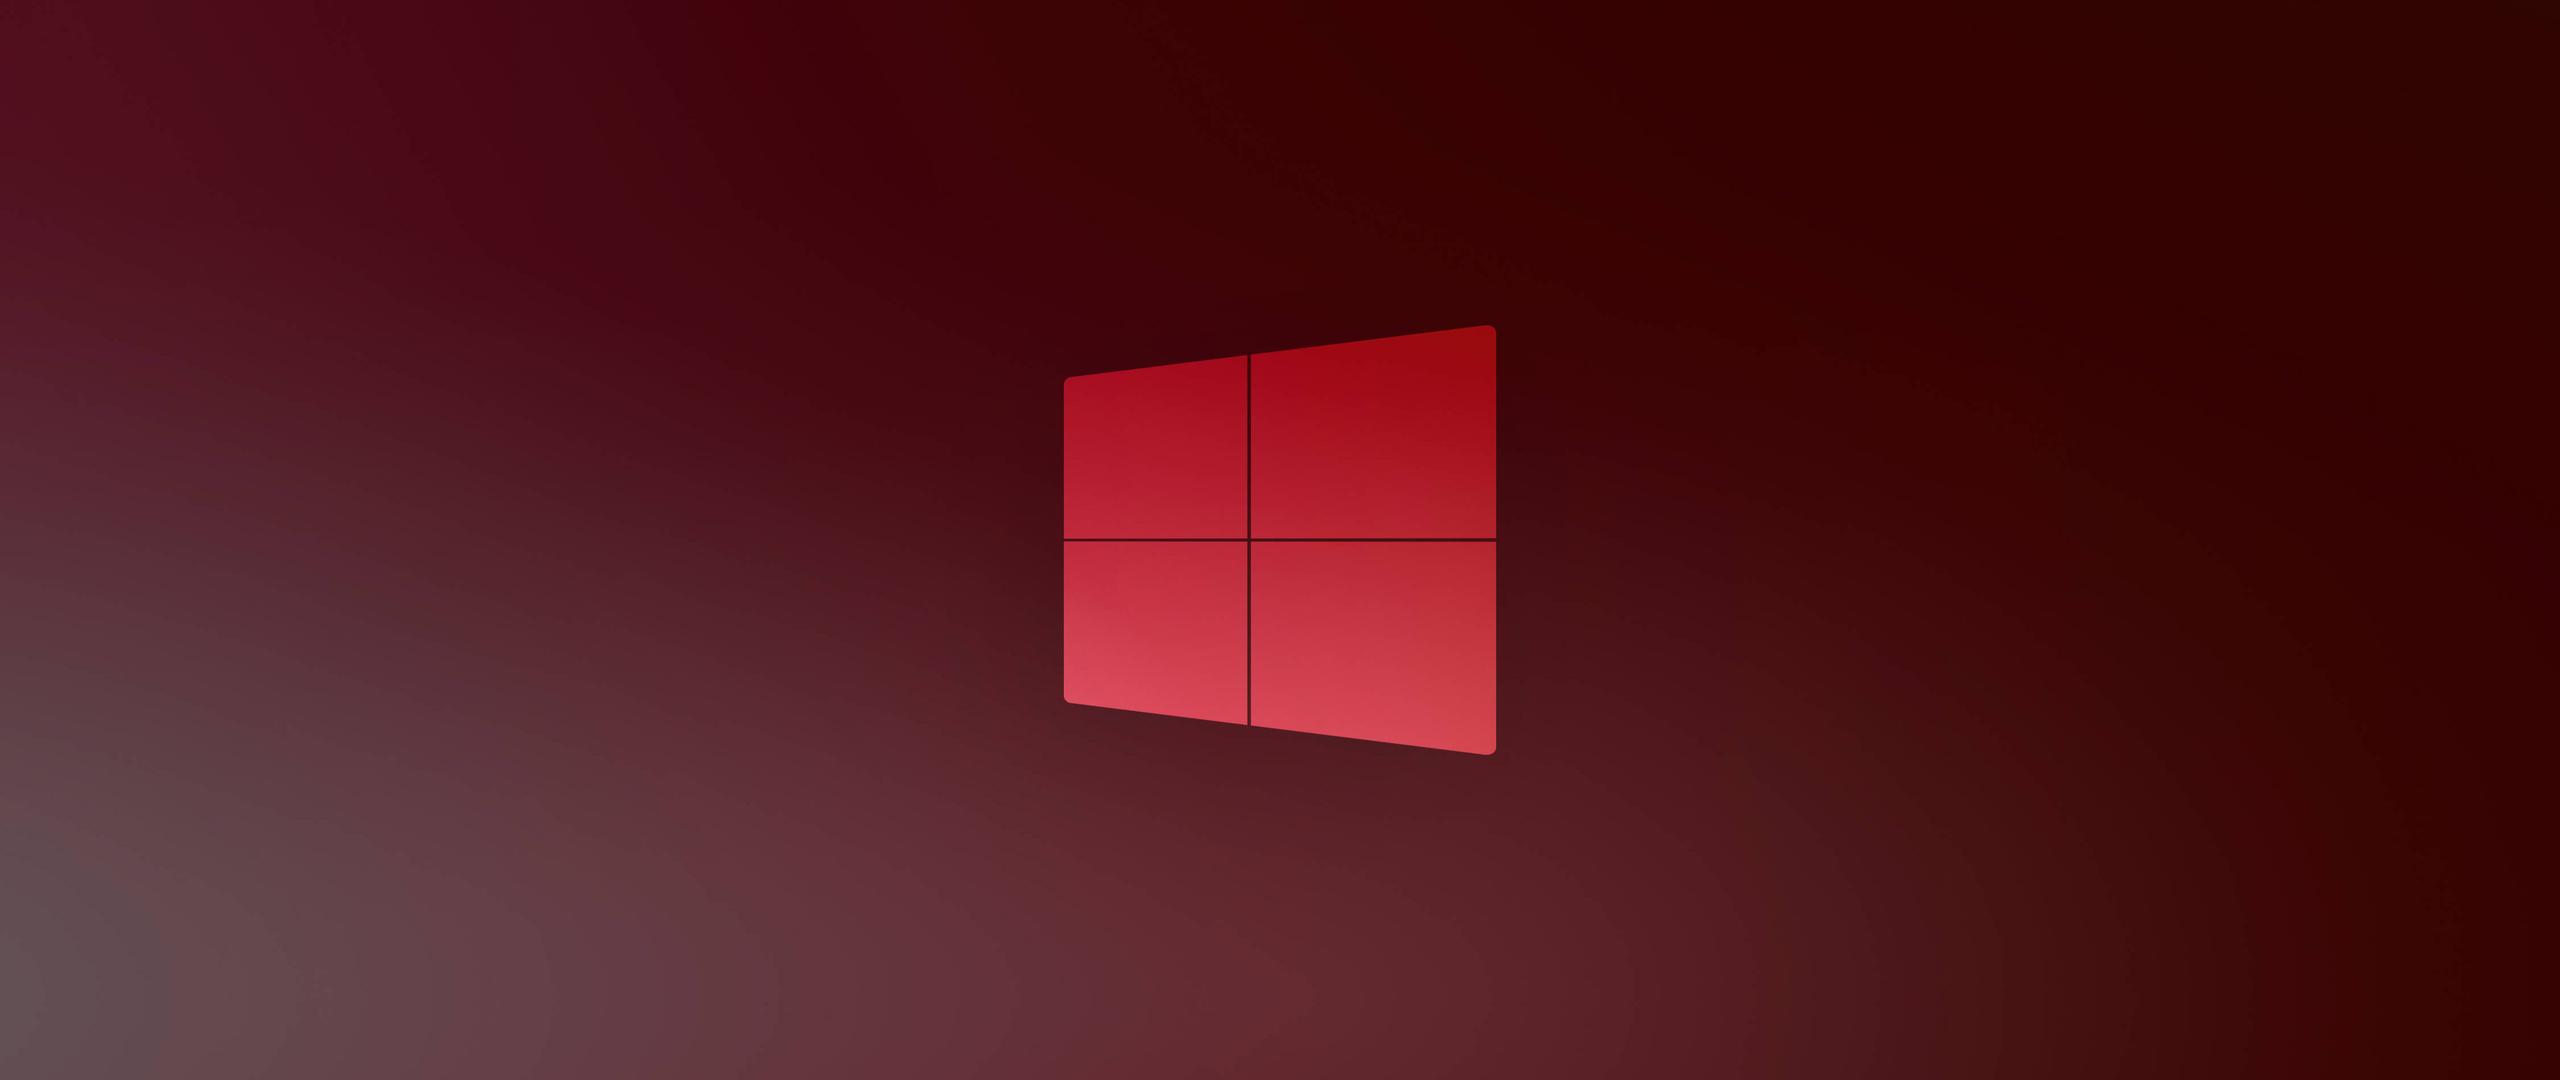 windows-10-x-red-logo-5k-a0.jpg